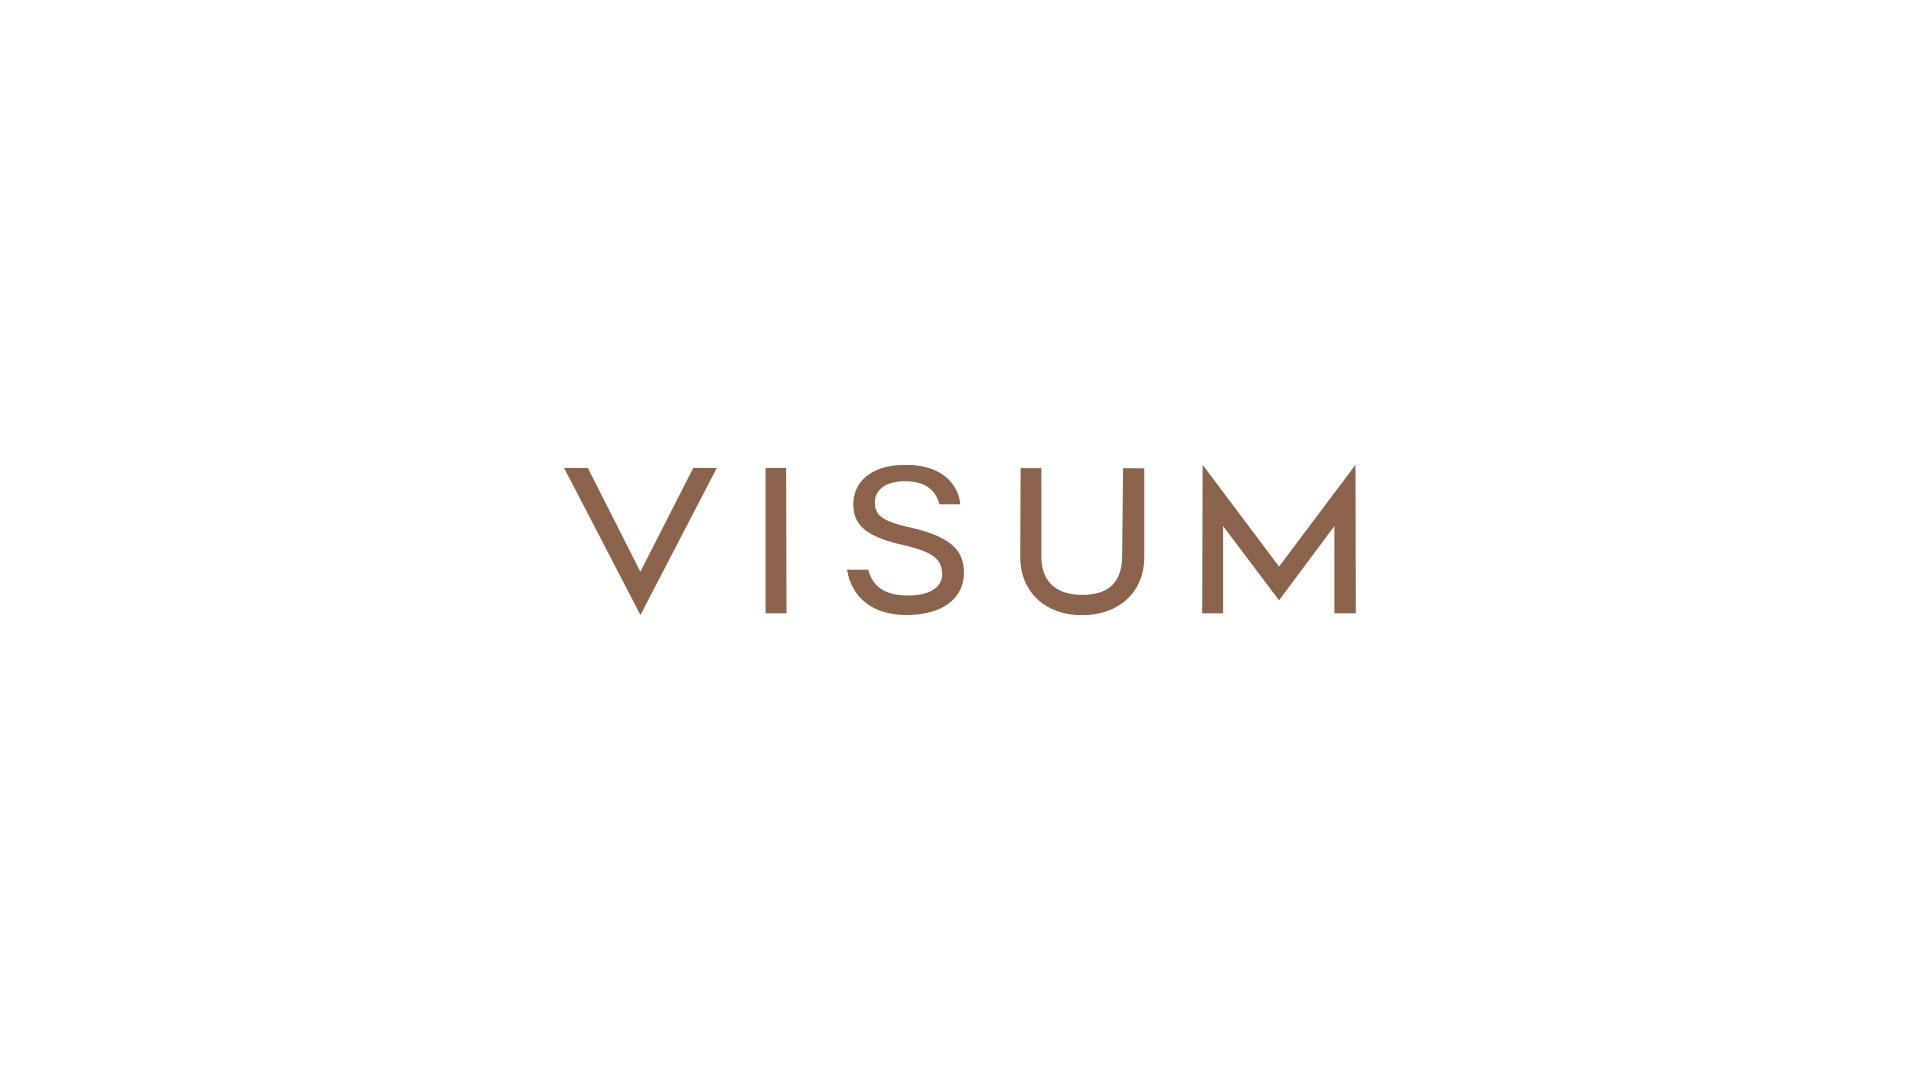 this_p_brand_visum_1